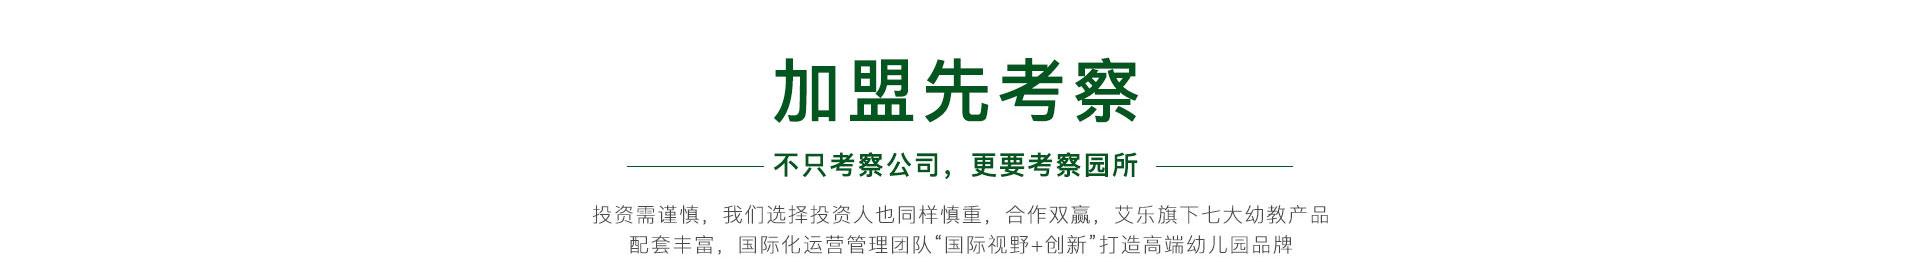 香港艾乐国际幼儿园al_26